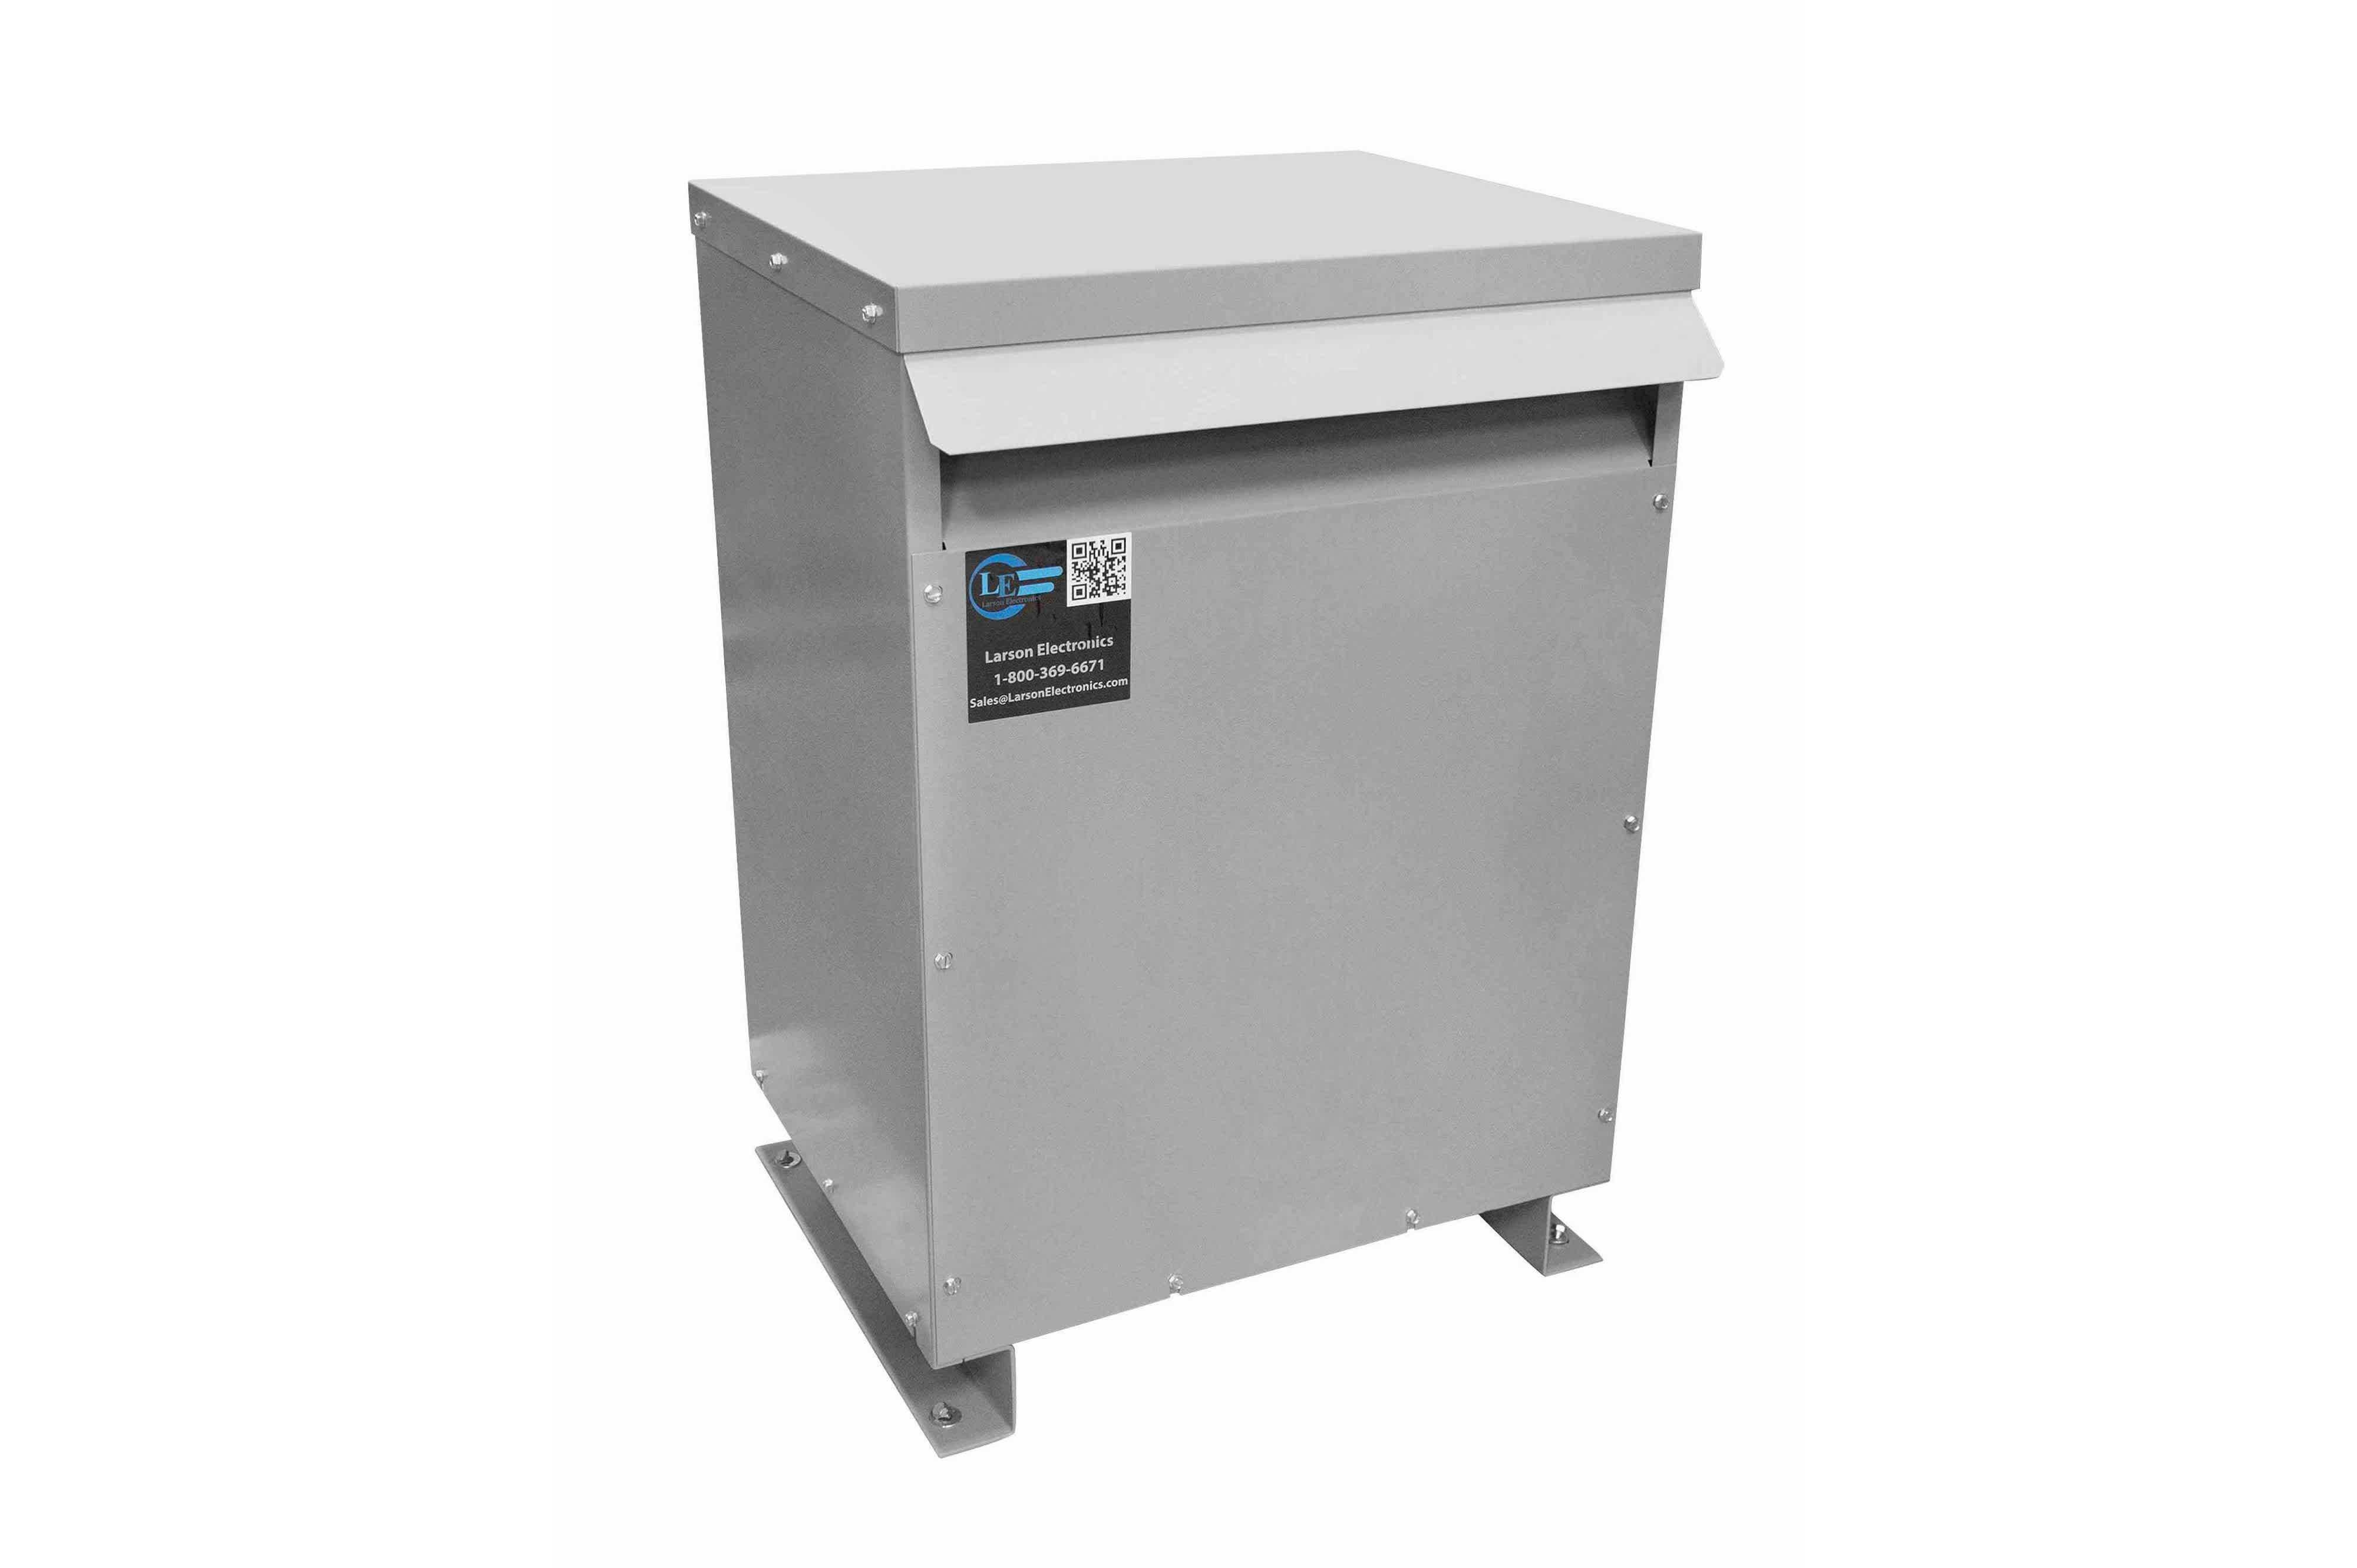 40 kVA 3PH Isolation Transformer, 600V Delta Primary, 208V Delta Secondary, N3R, Ventilated, 60 Hz